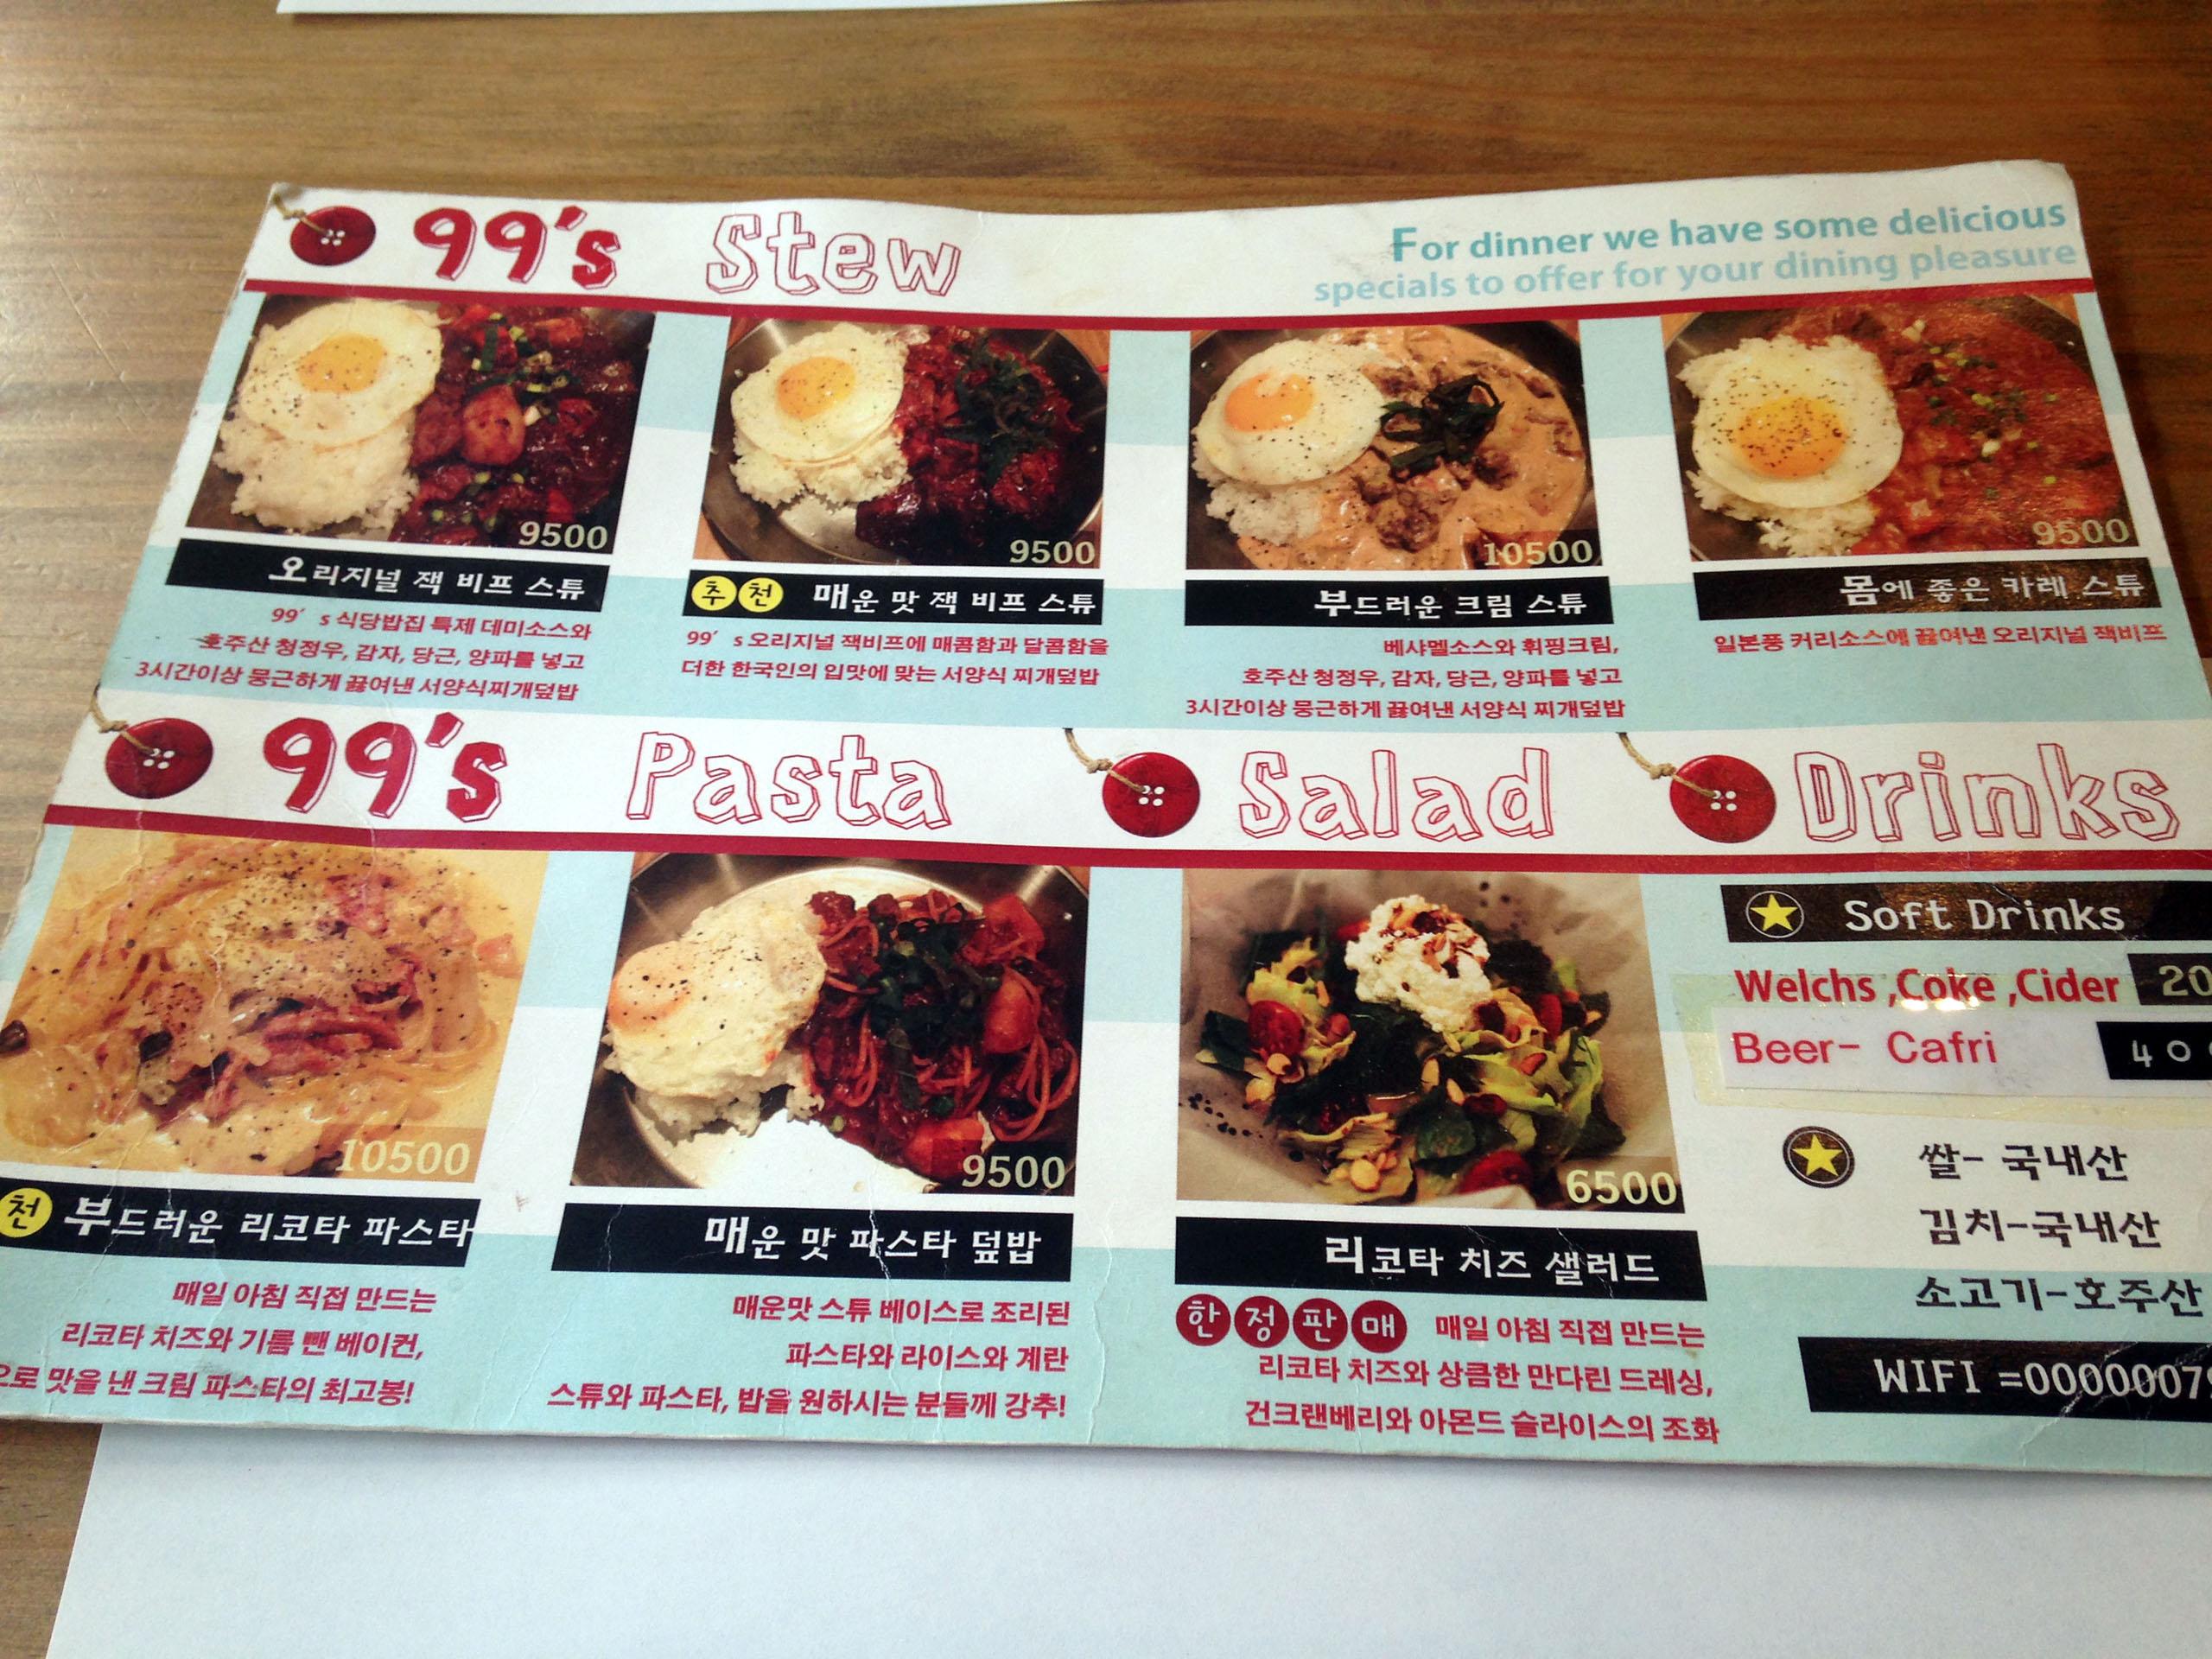 99's 서양밥집 메뉴판